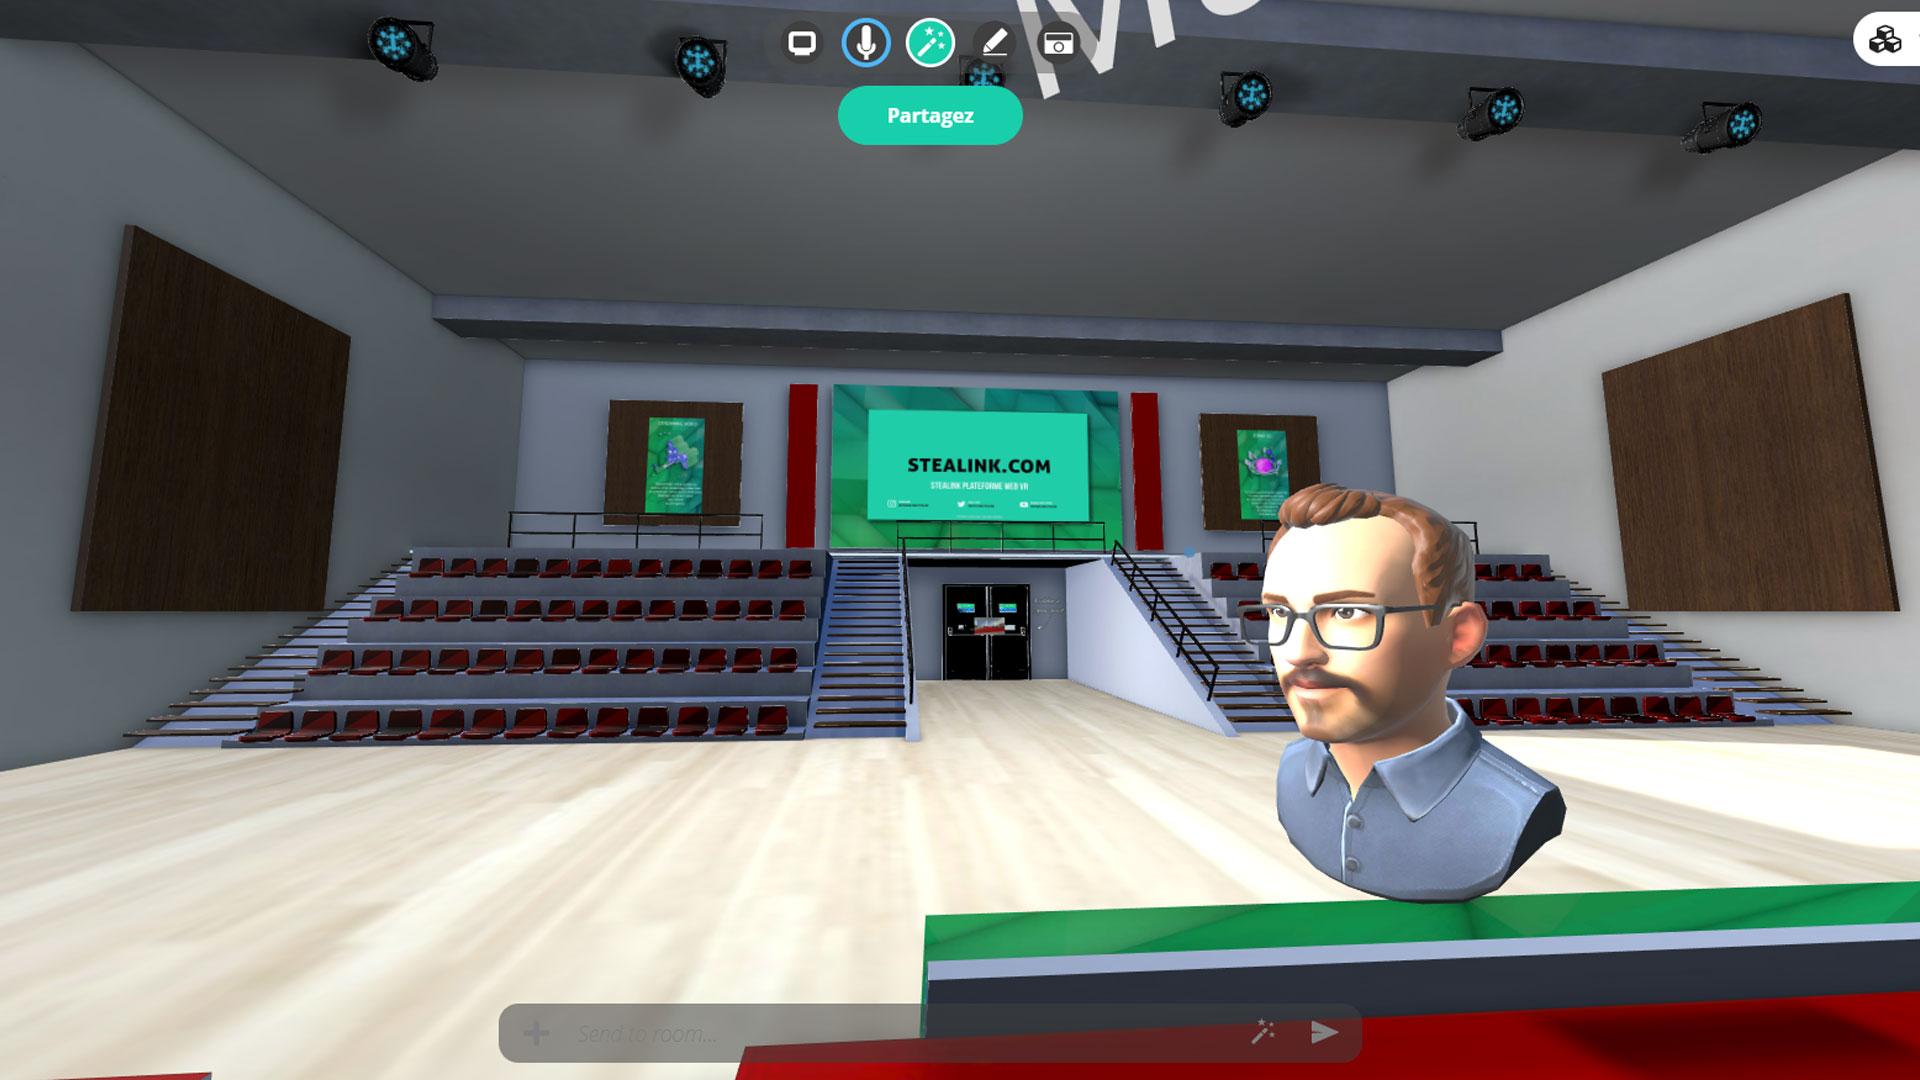 STEALINK.COM SalleDeReunionVirtuelle001 Salon virtuel de l'orientation